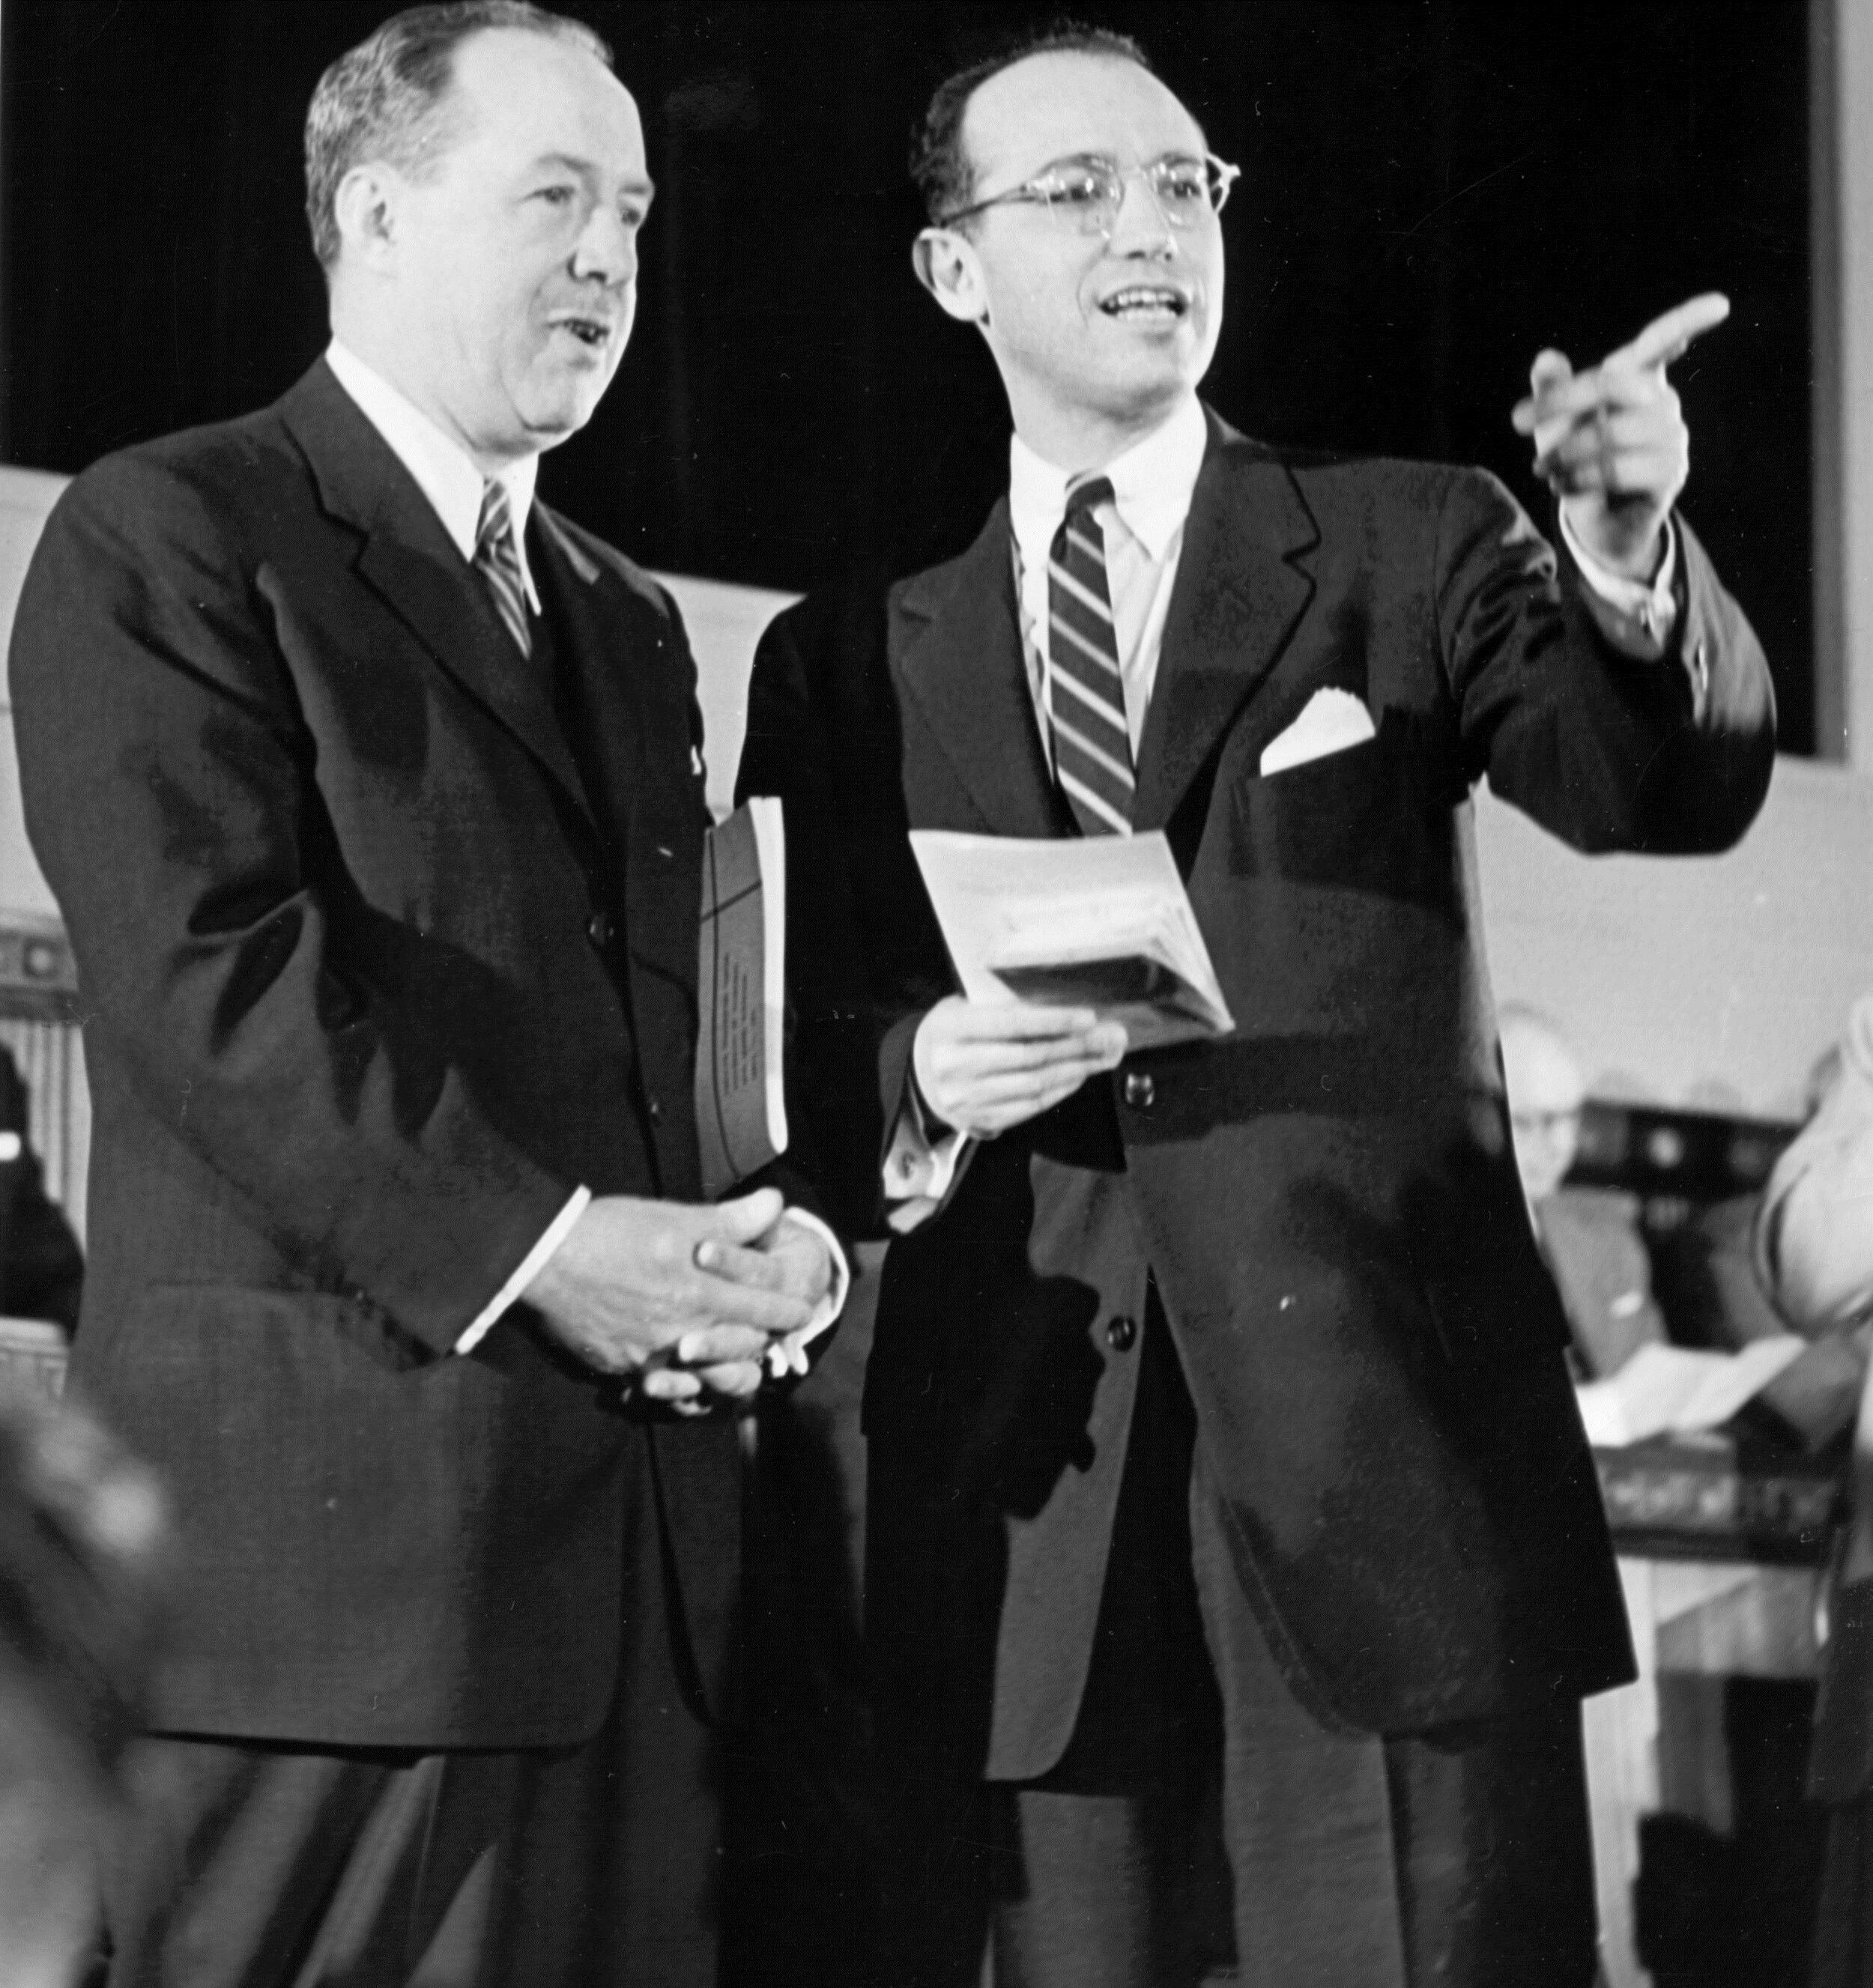 Jonas Salk (bên phải) và Thomas Francis chế tạo thành công vaccine cúm bất hoạt đầu tiên. Ảnh: History.